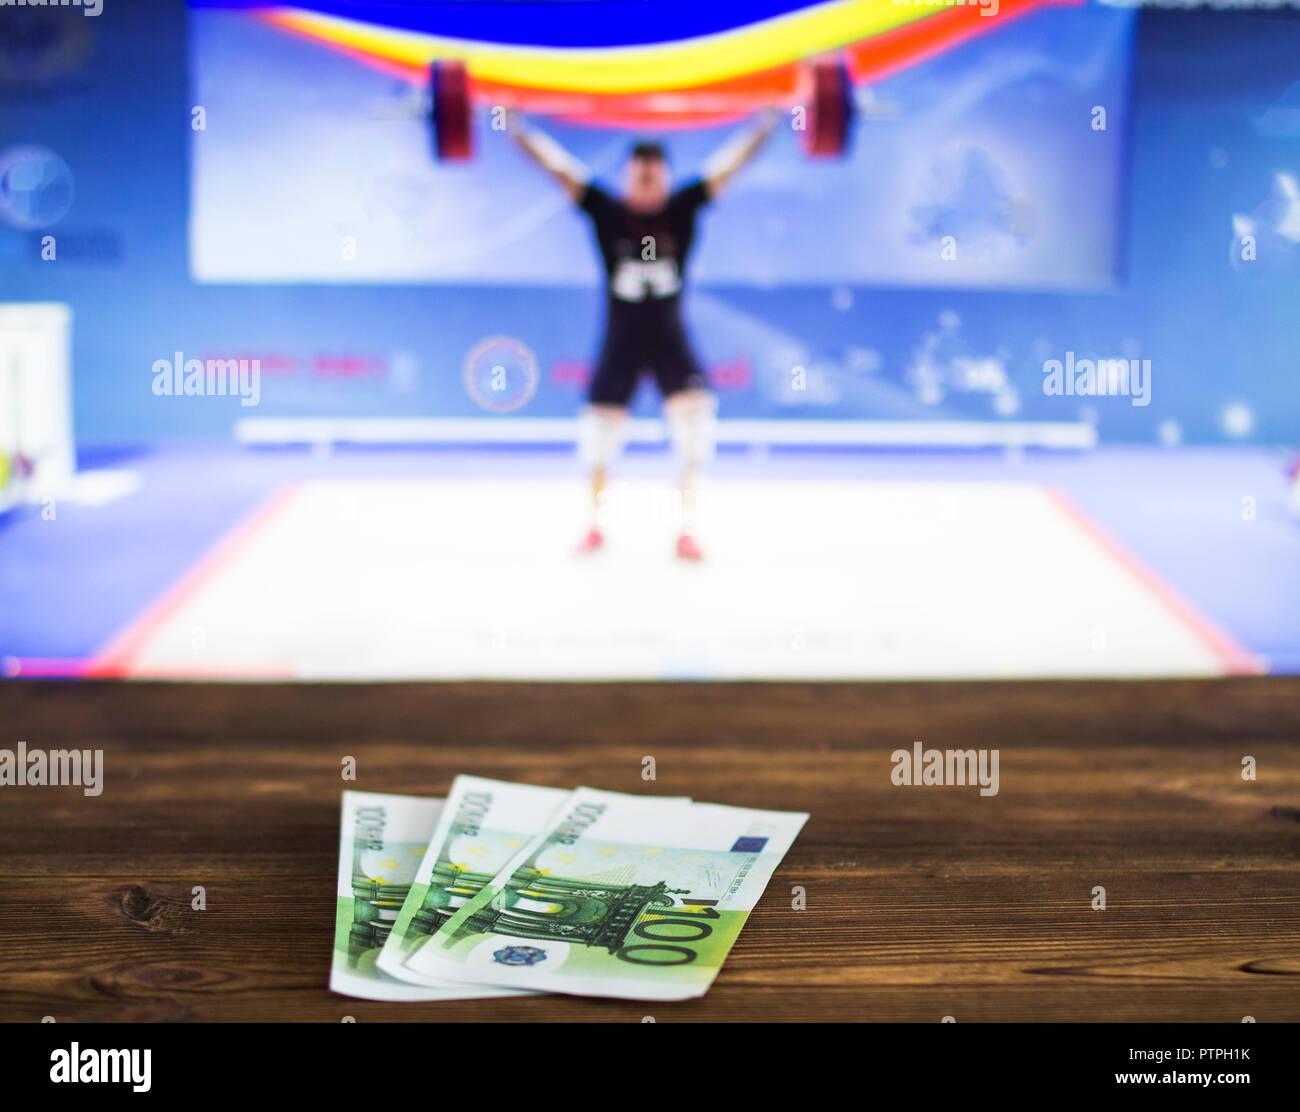 Euro argent sur le fond de la télévision sur laquelle afficher l'haltérophilie, paris sportifs, bookmaker Photo Stock